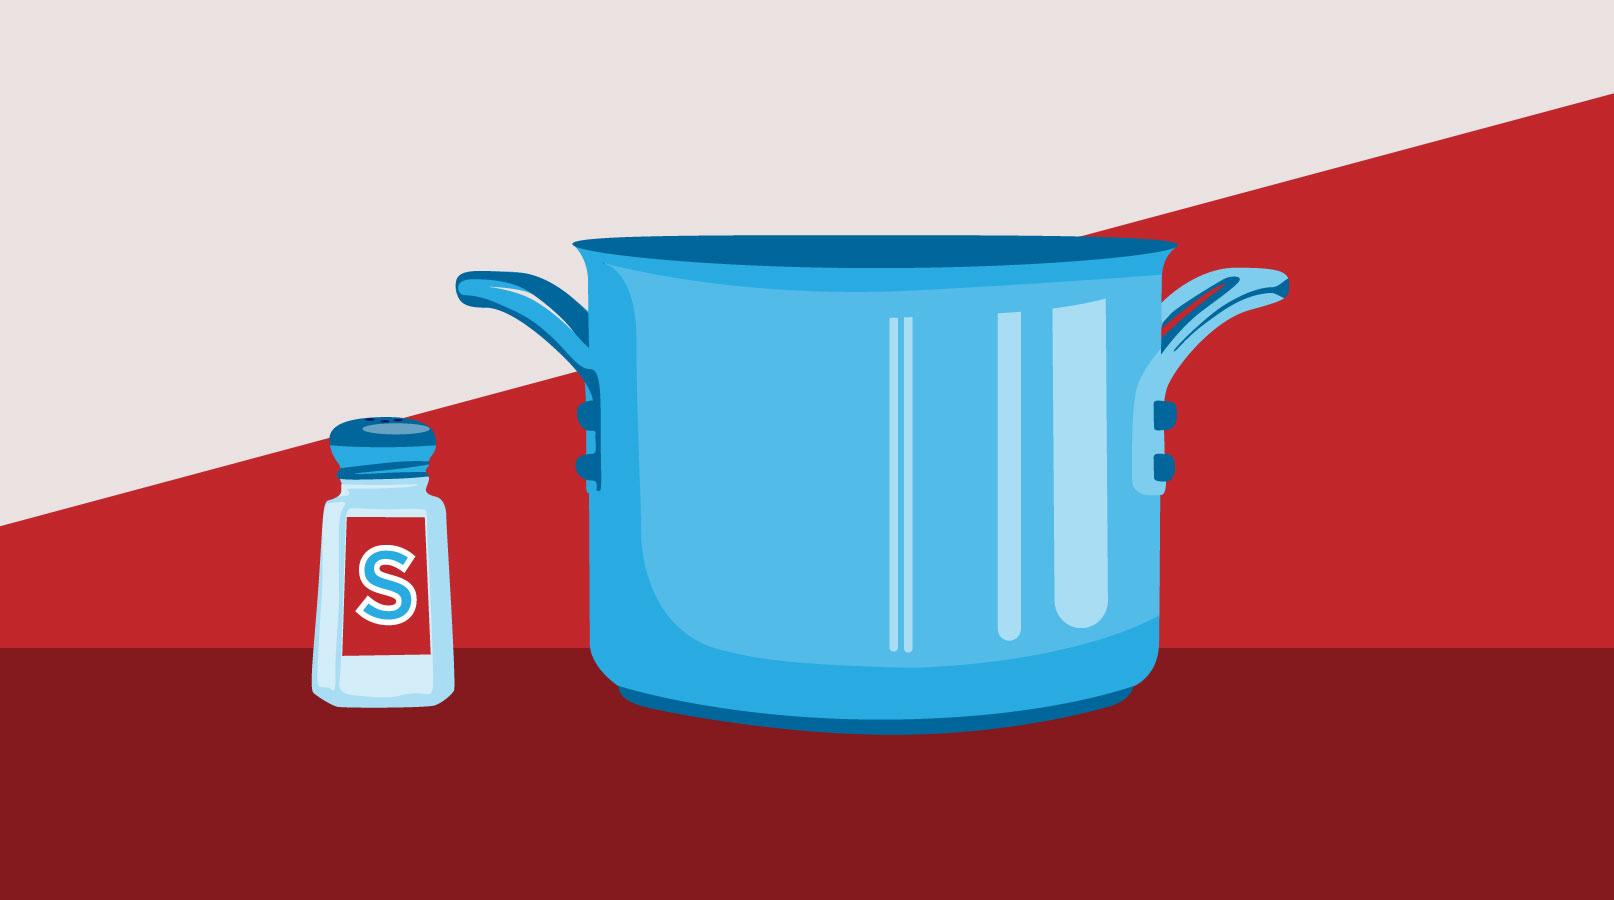 Salt shaker and pot